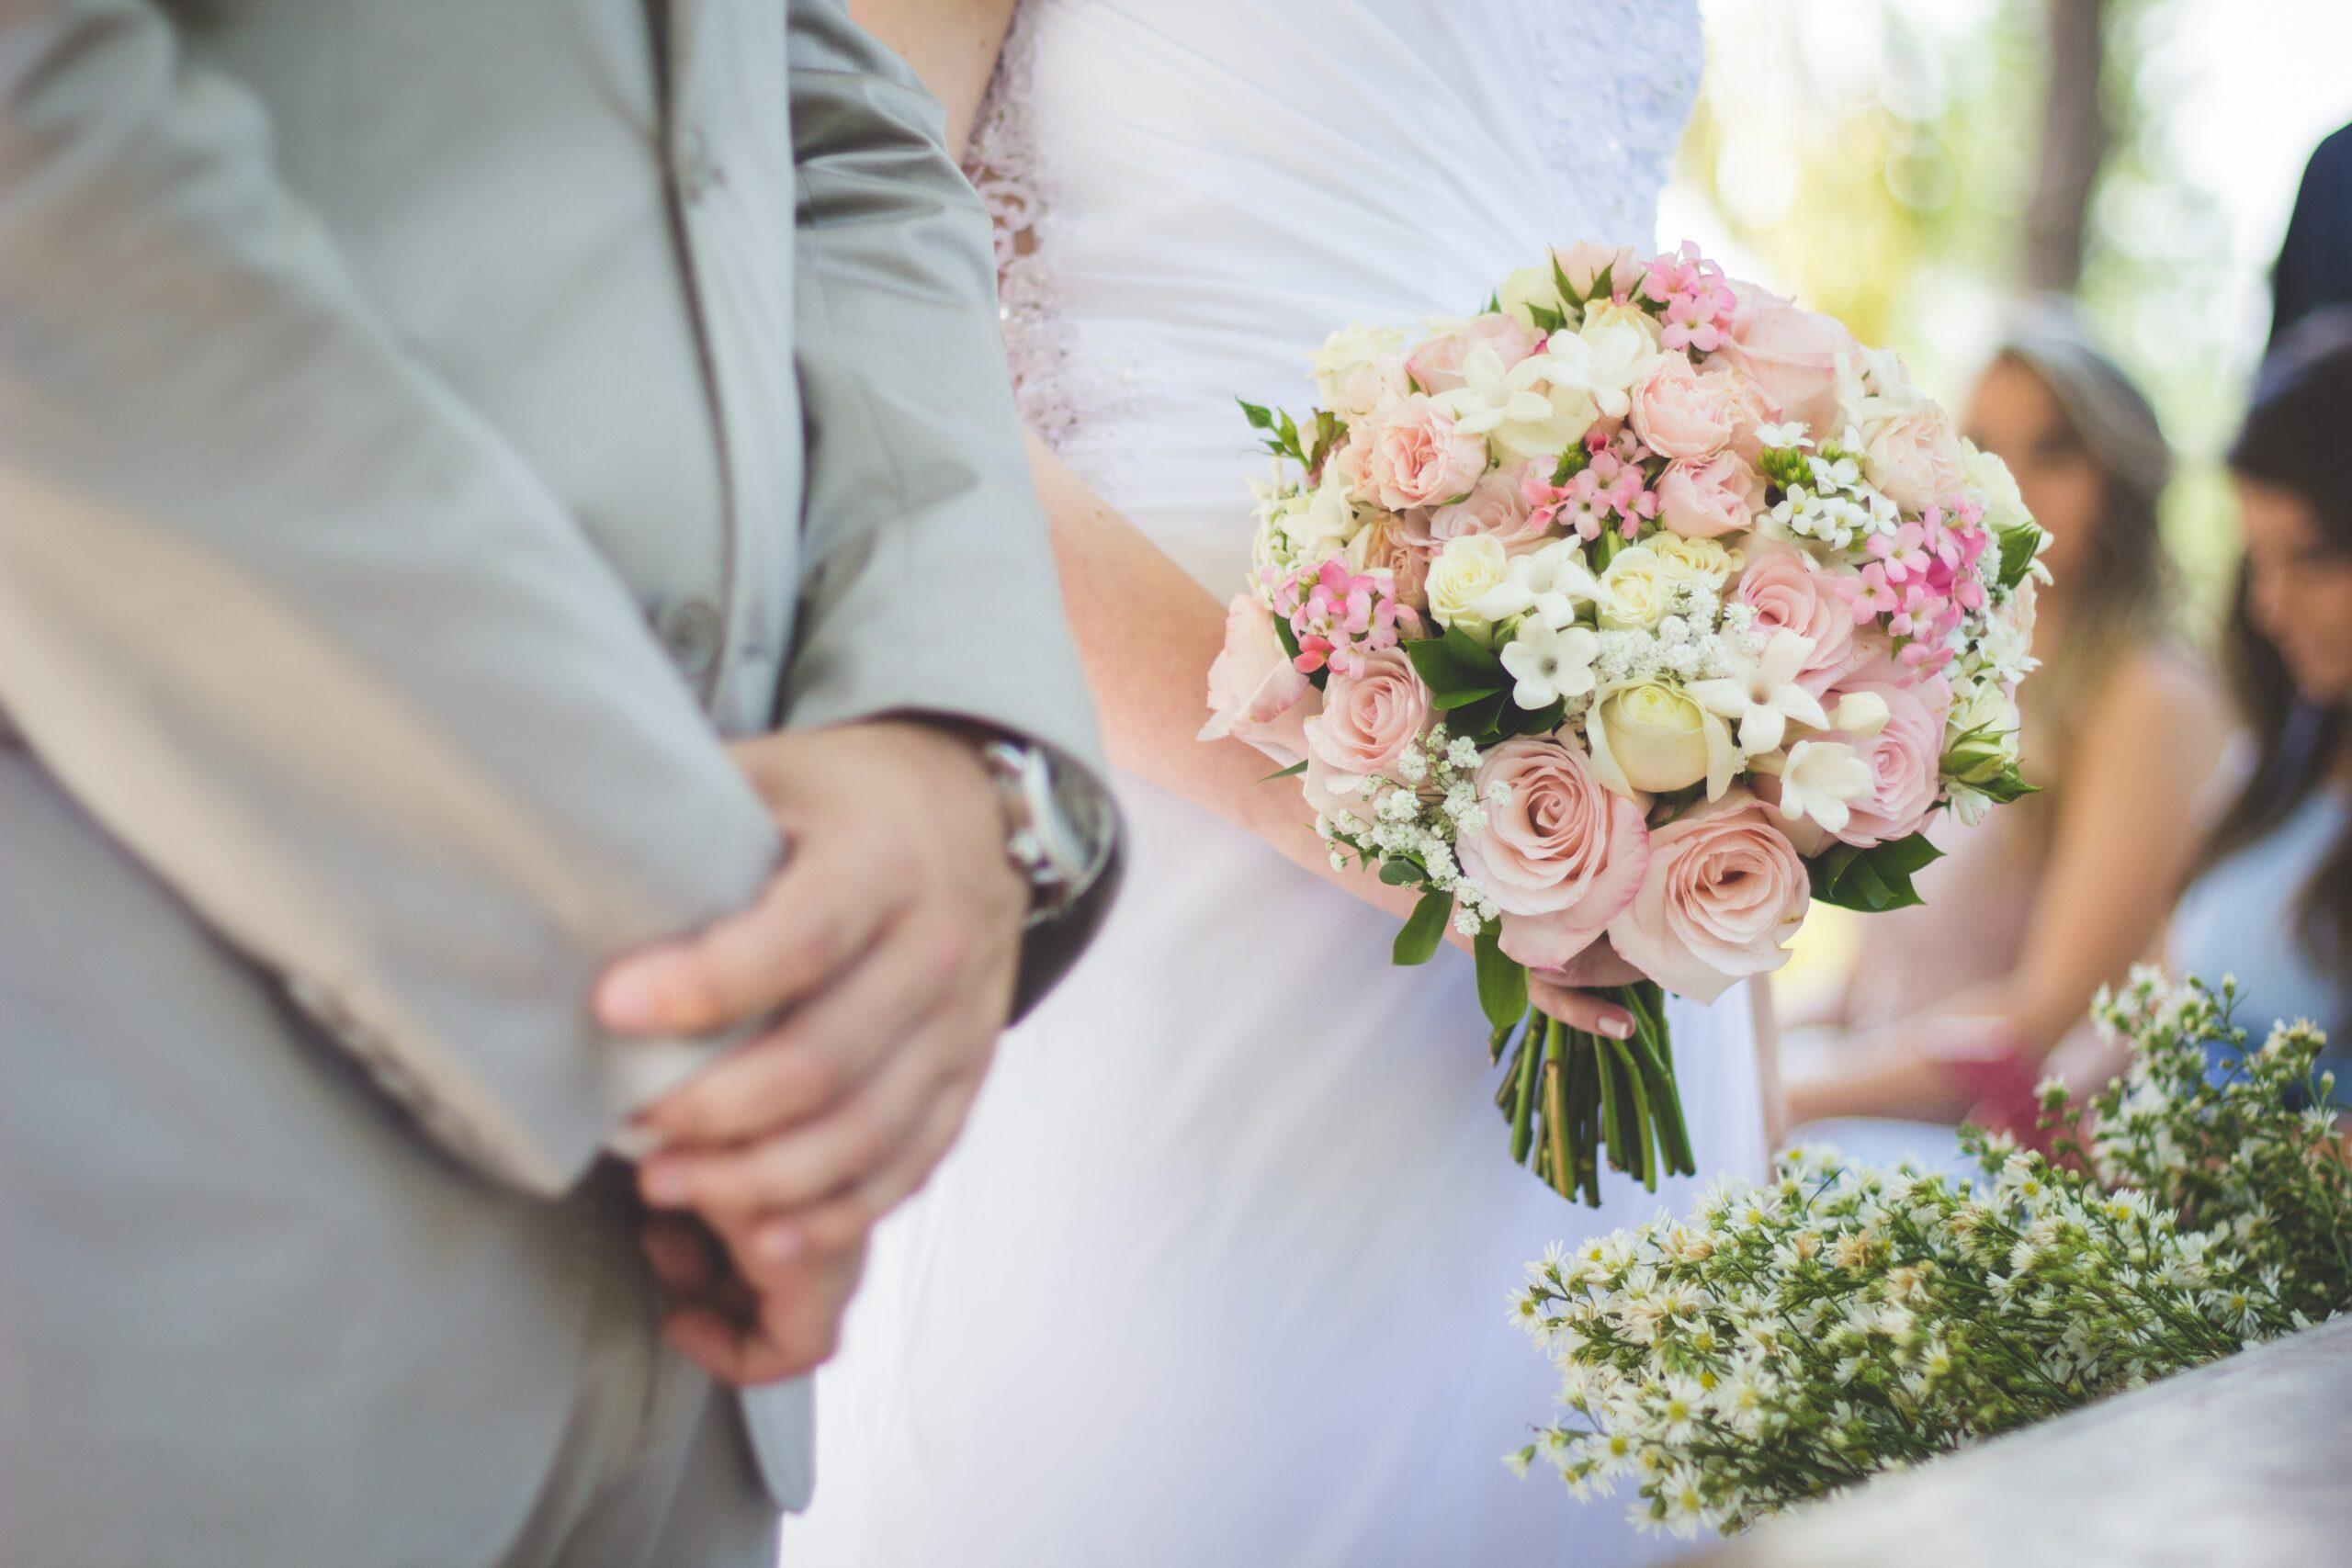 trouwen en financiële situatie